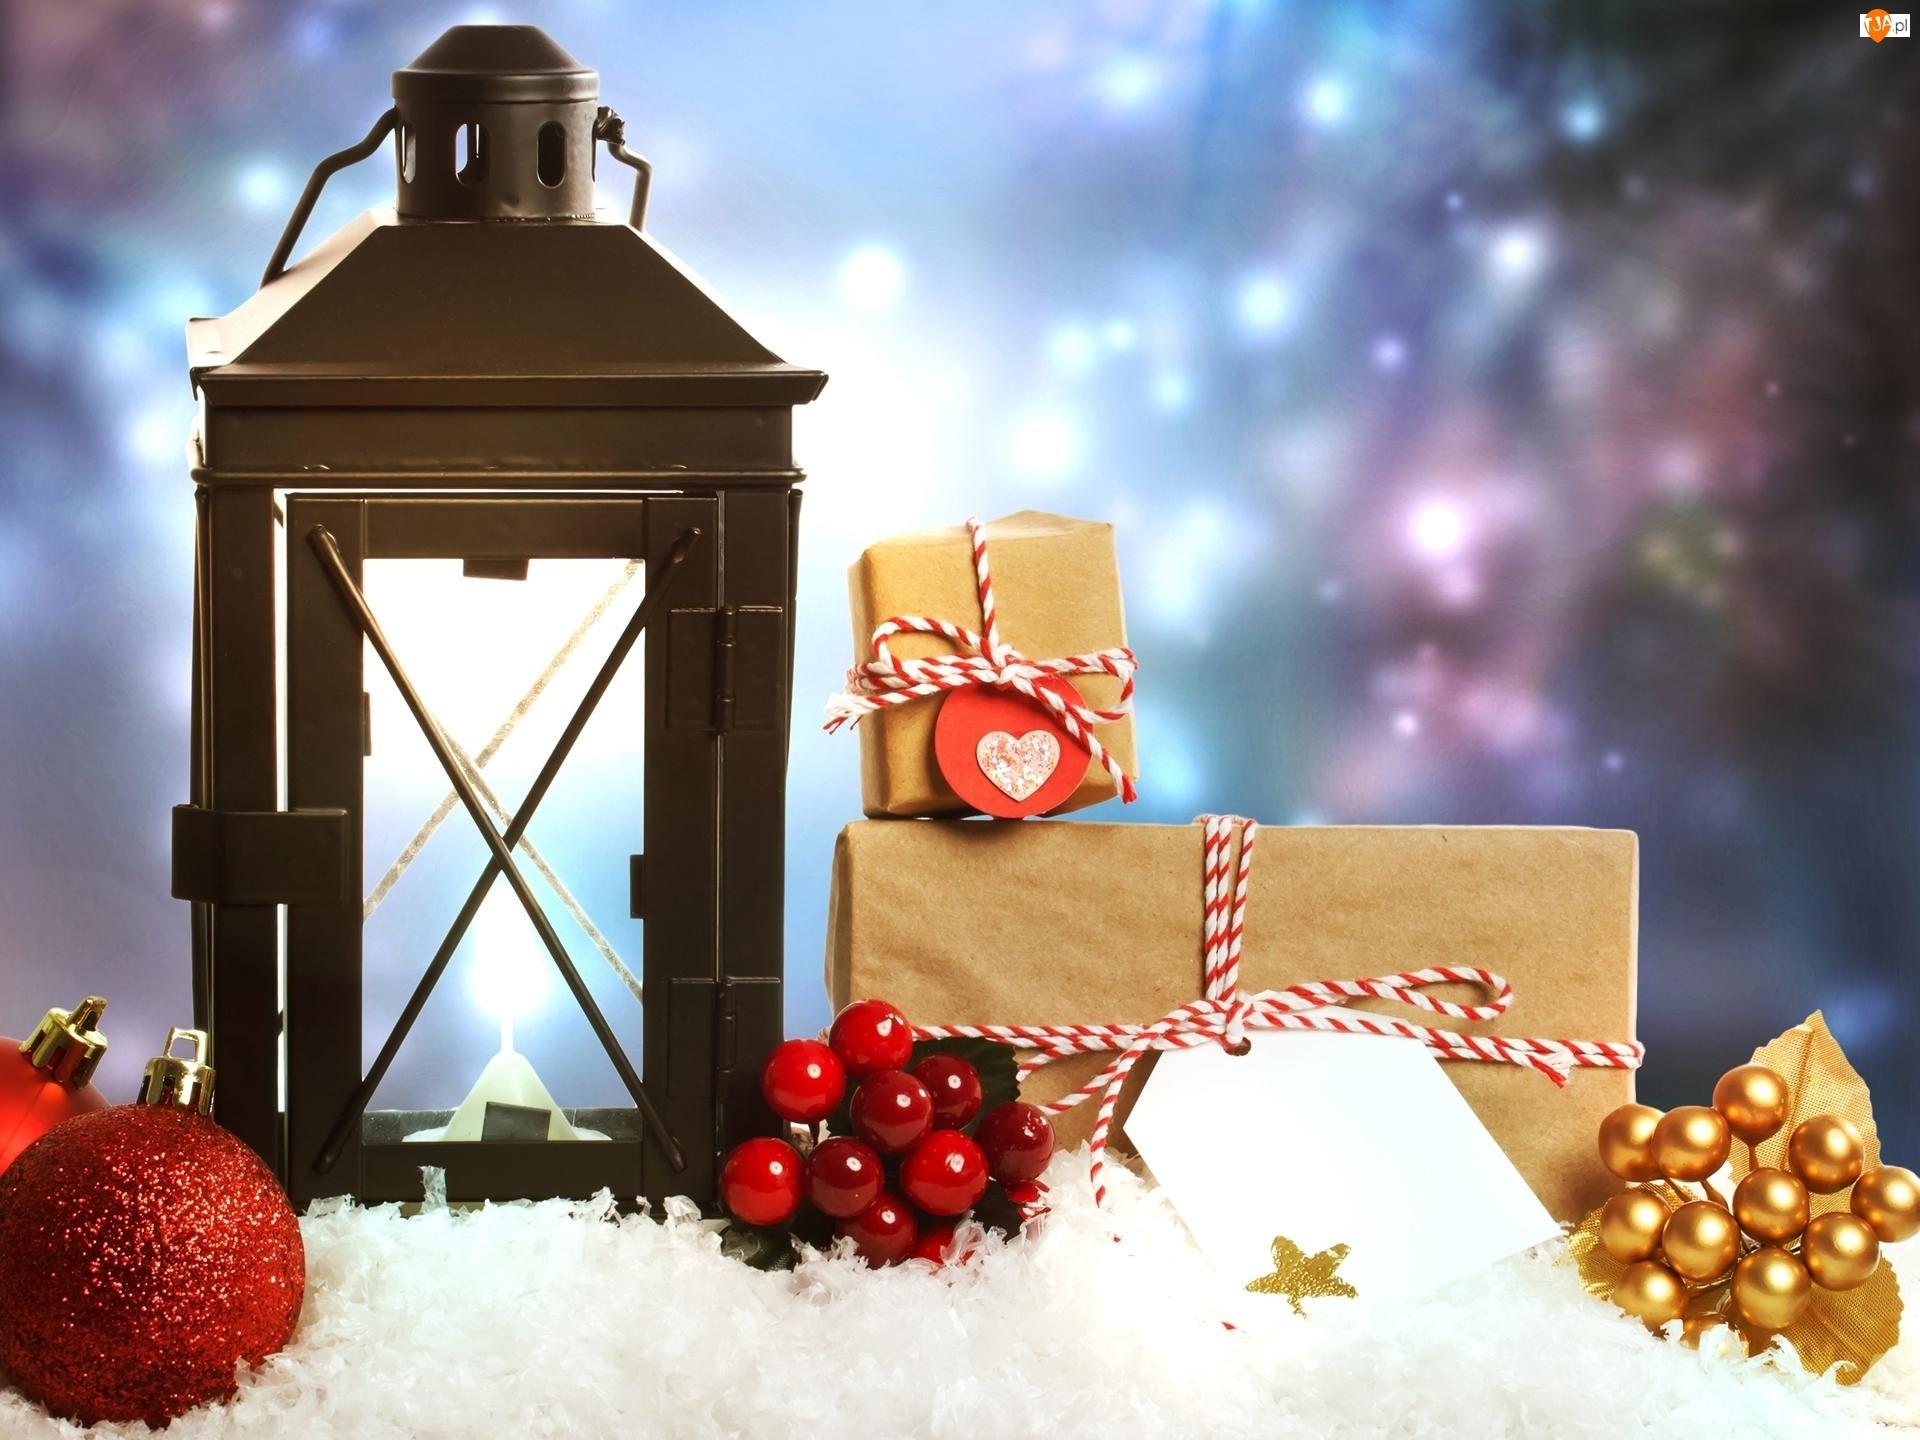 Prezenty, Kompozycja, Bombki, Lampion, Śnieg, Boże Narodzenie